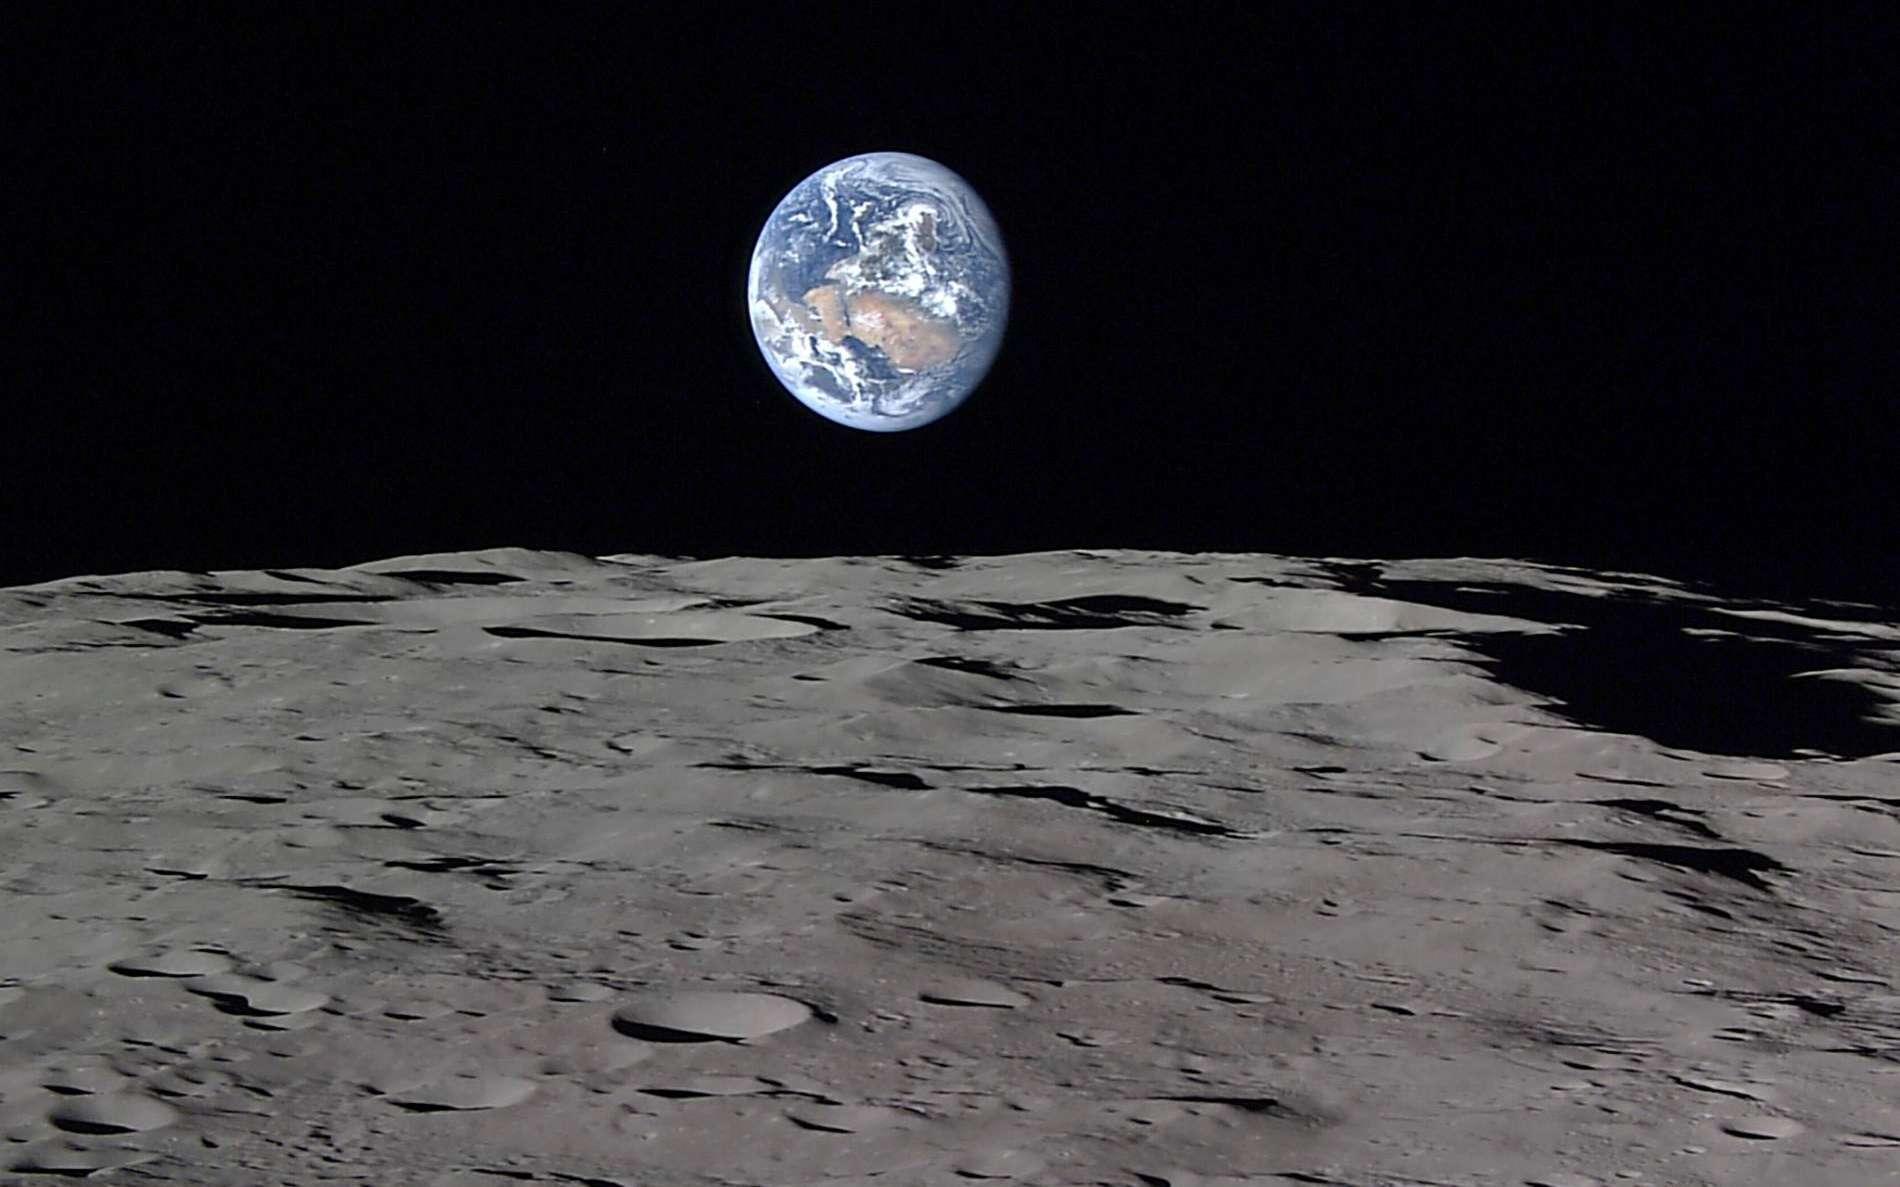 « Lever de Terre » photographié par la sonde japonaise Kaguya ; la Terre est immobile dans le ciel de la Lune. © Jaxa, NHK